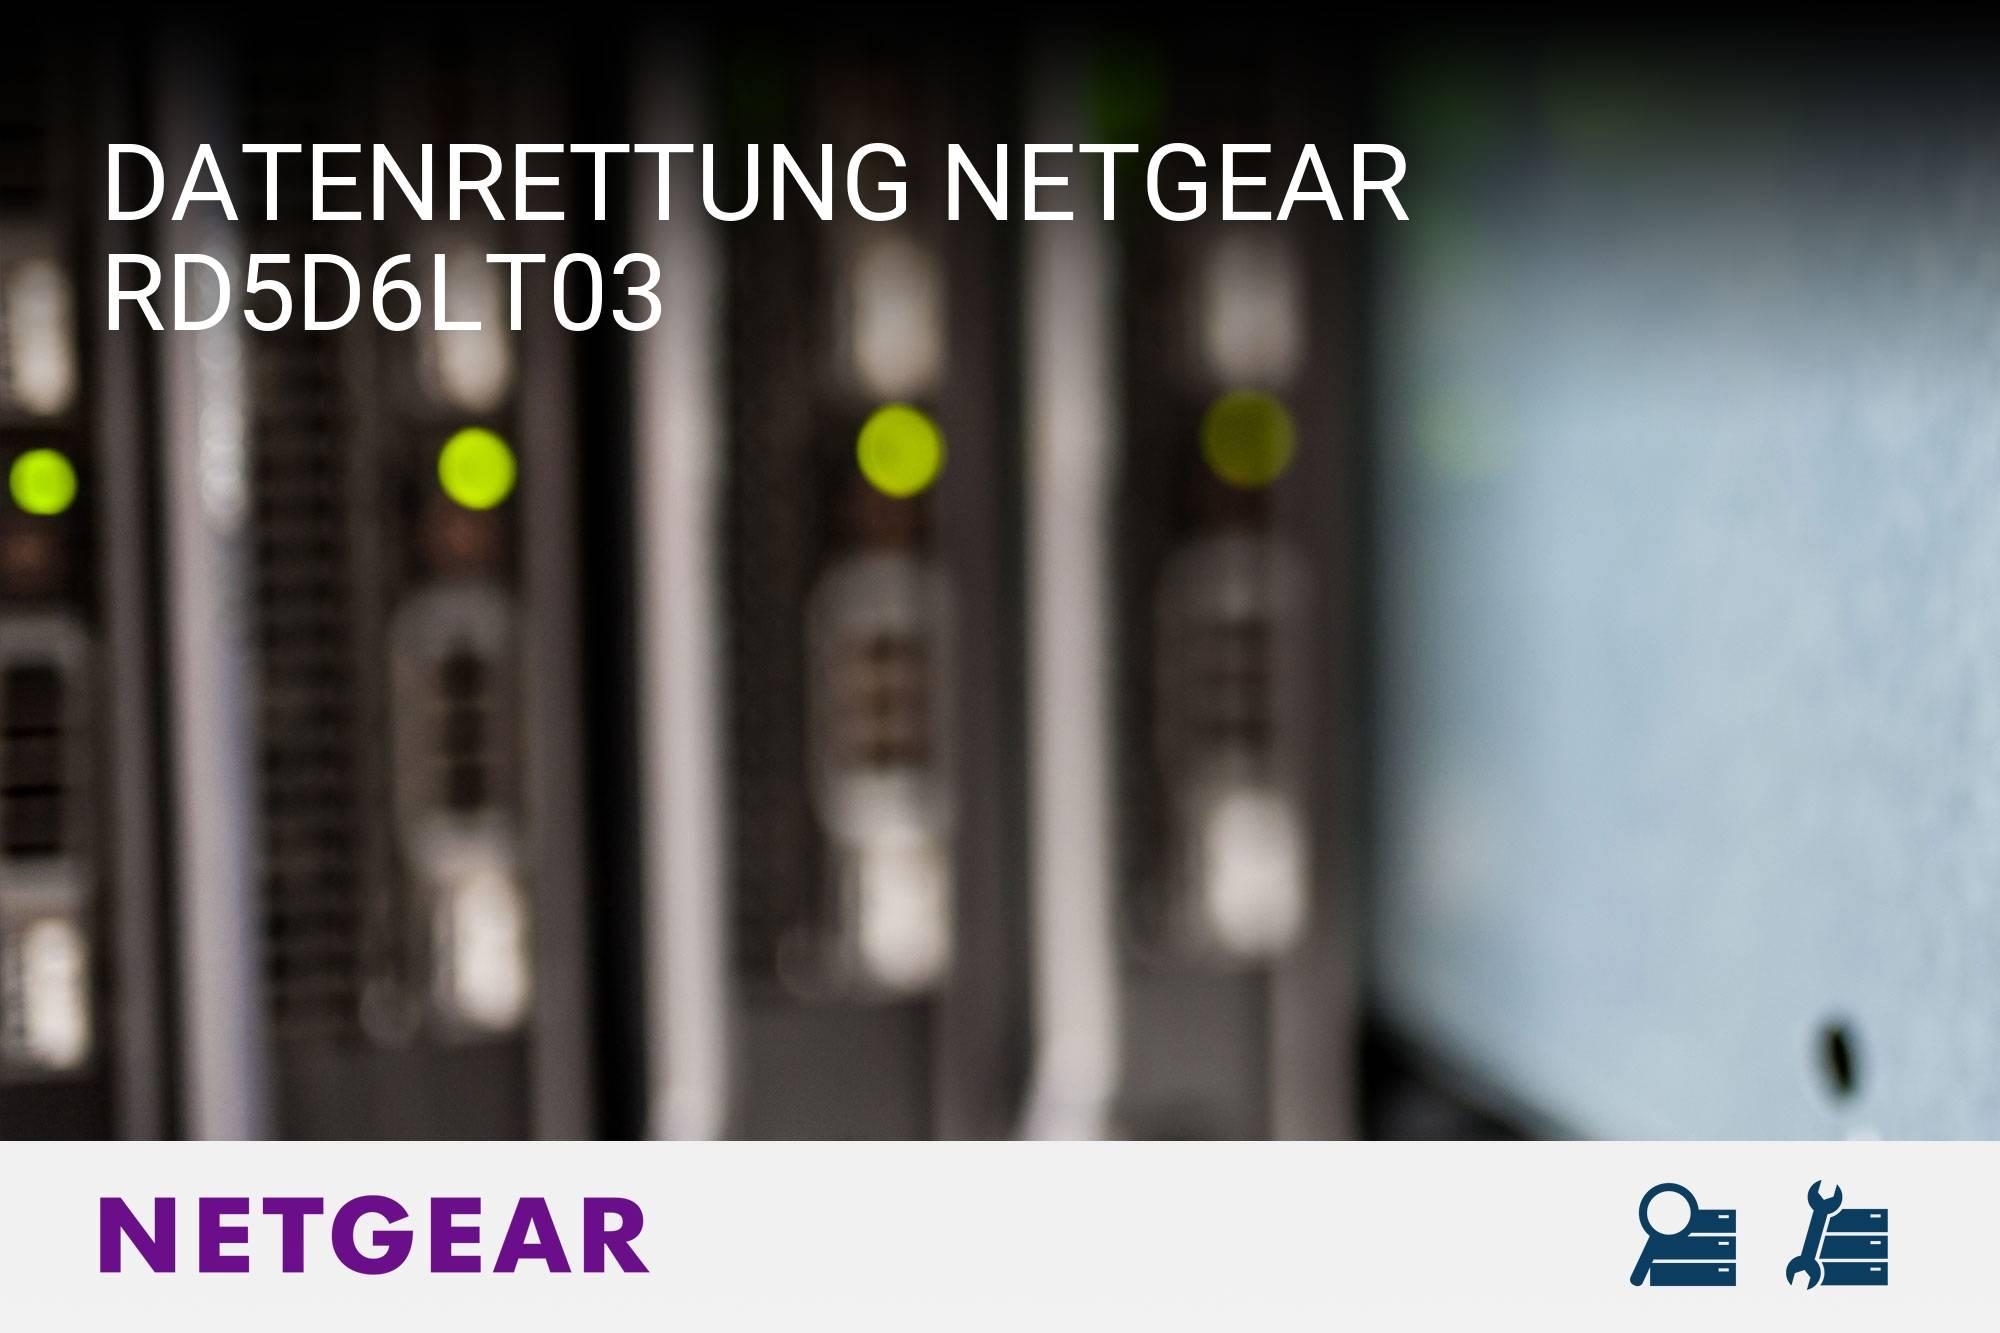 Netgear RD5D6LT03